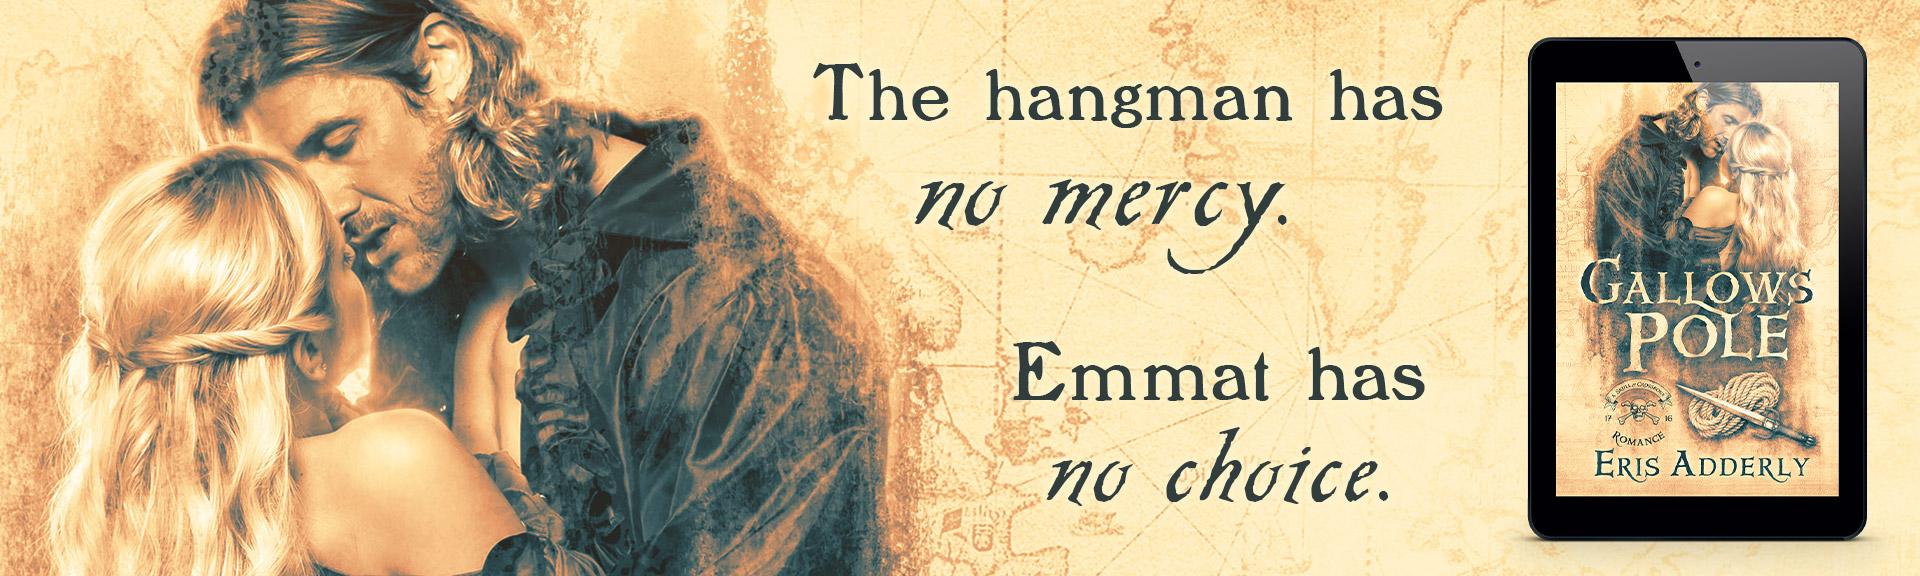 The hangman has no mercy. Emmat has no choice.